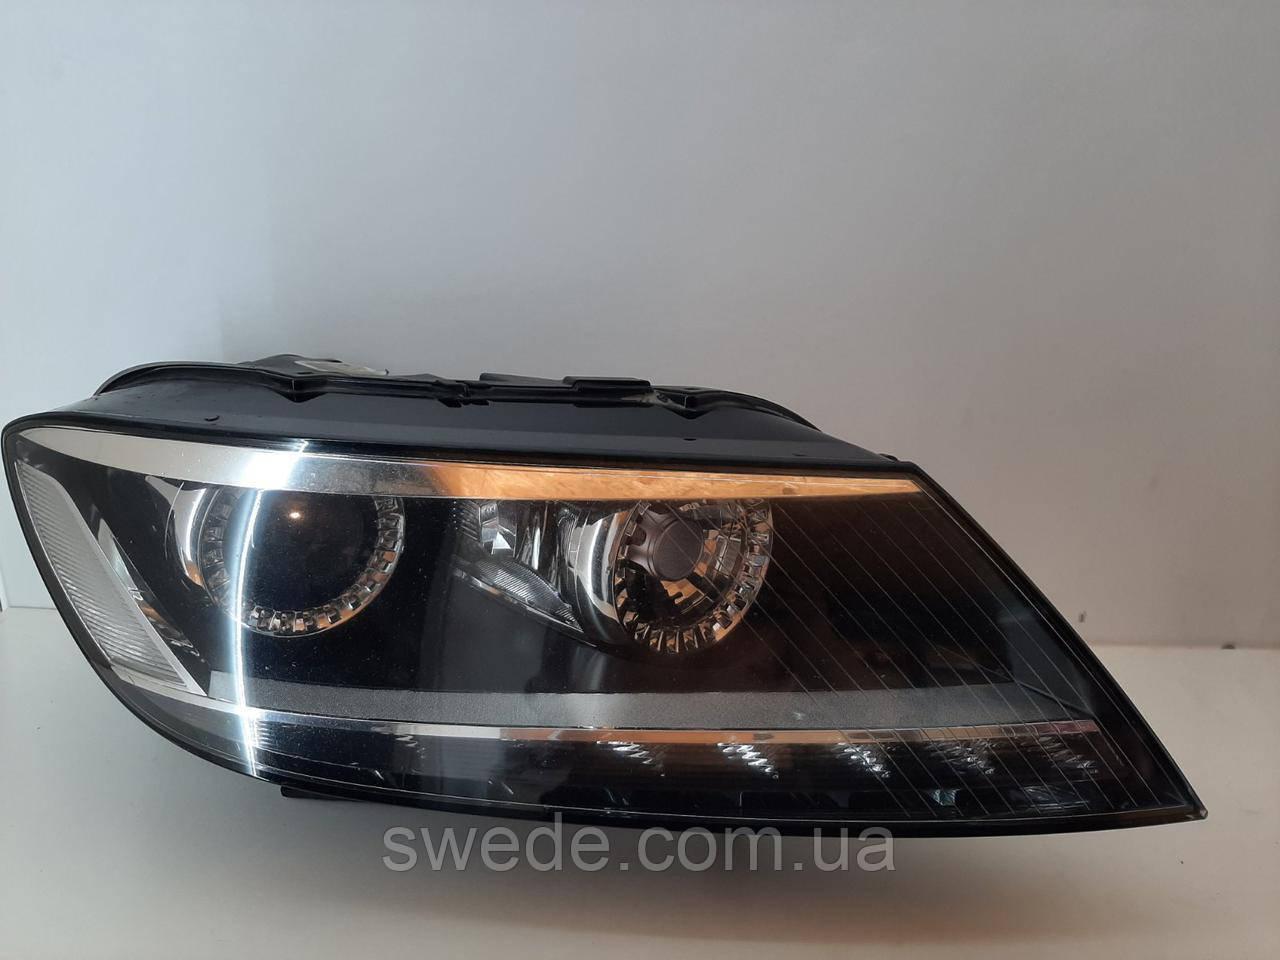 Фара правая Volkswagen Phaeton BI-XENON рестайлинг 2012 гг 3D1941752A